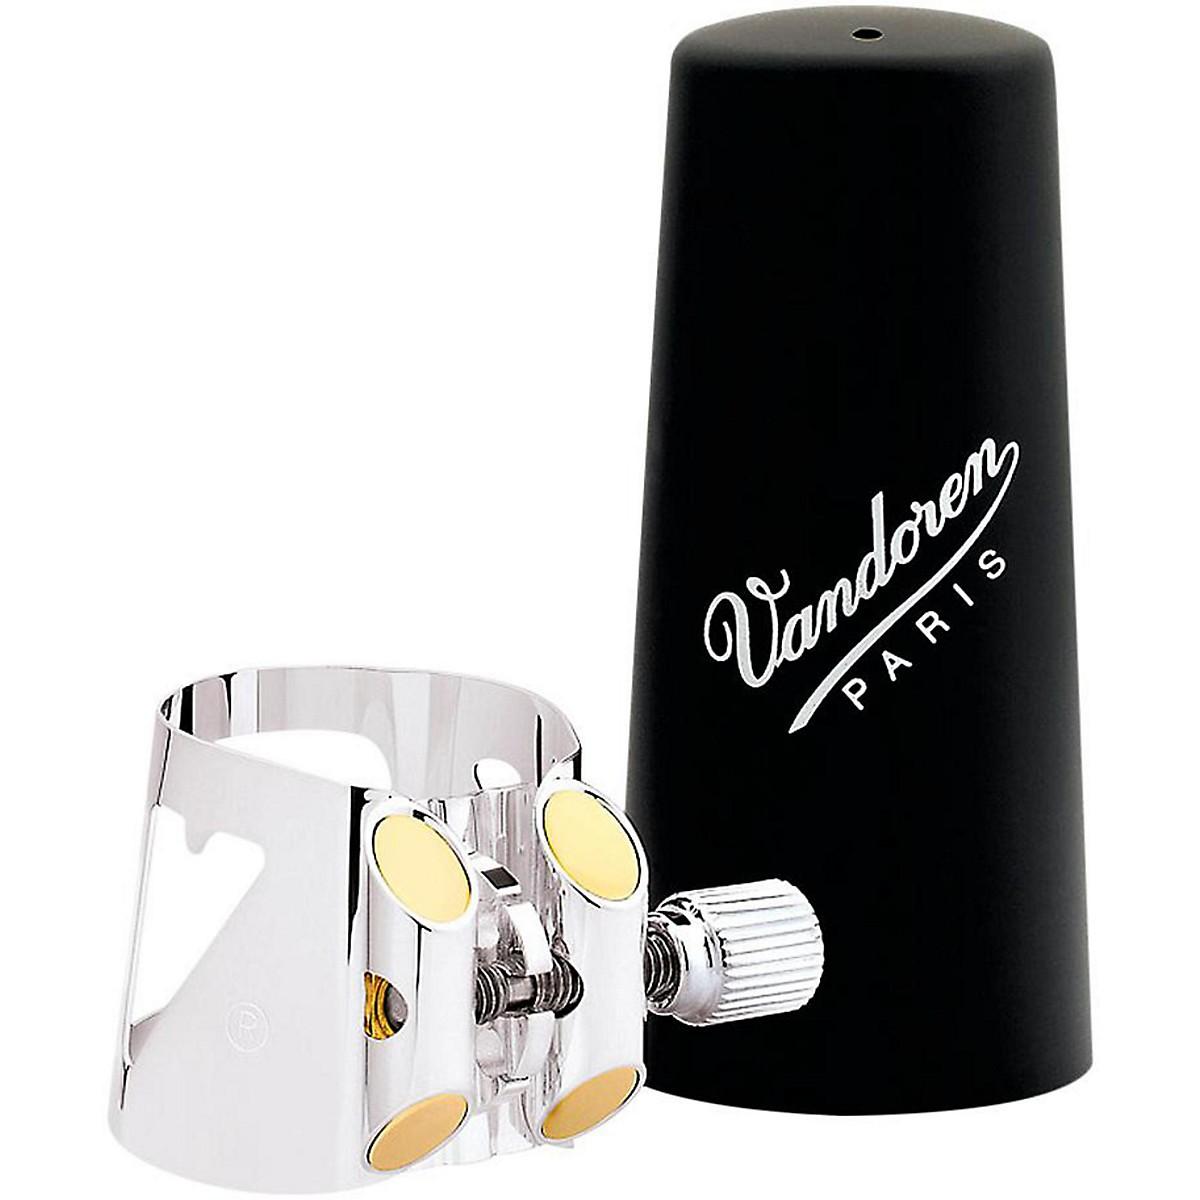 Vandoren Optimum Bass Clarinet Silver-plated Ligature & Plastic Cap